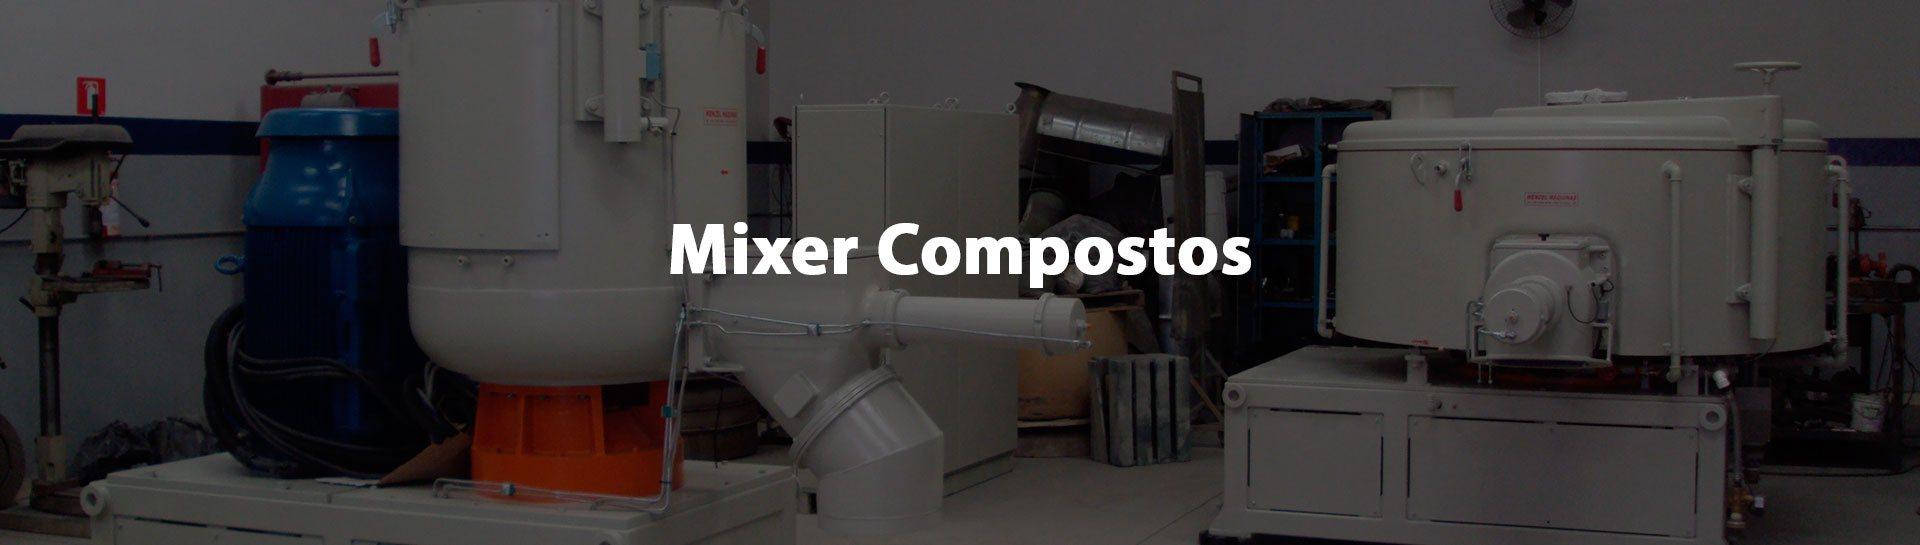 Mixer para compostos